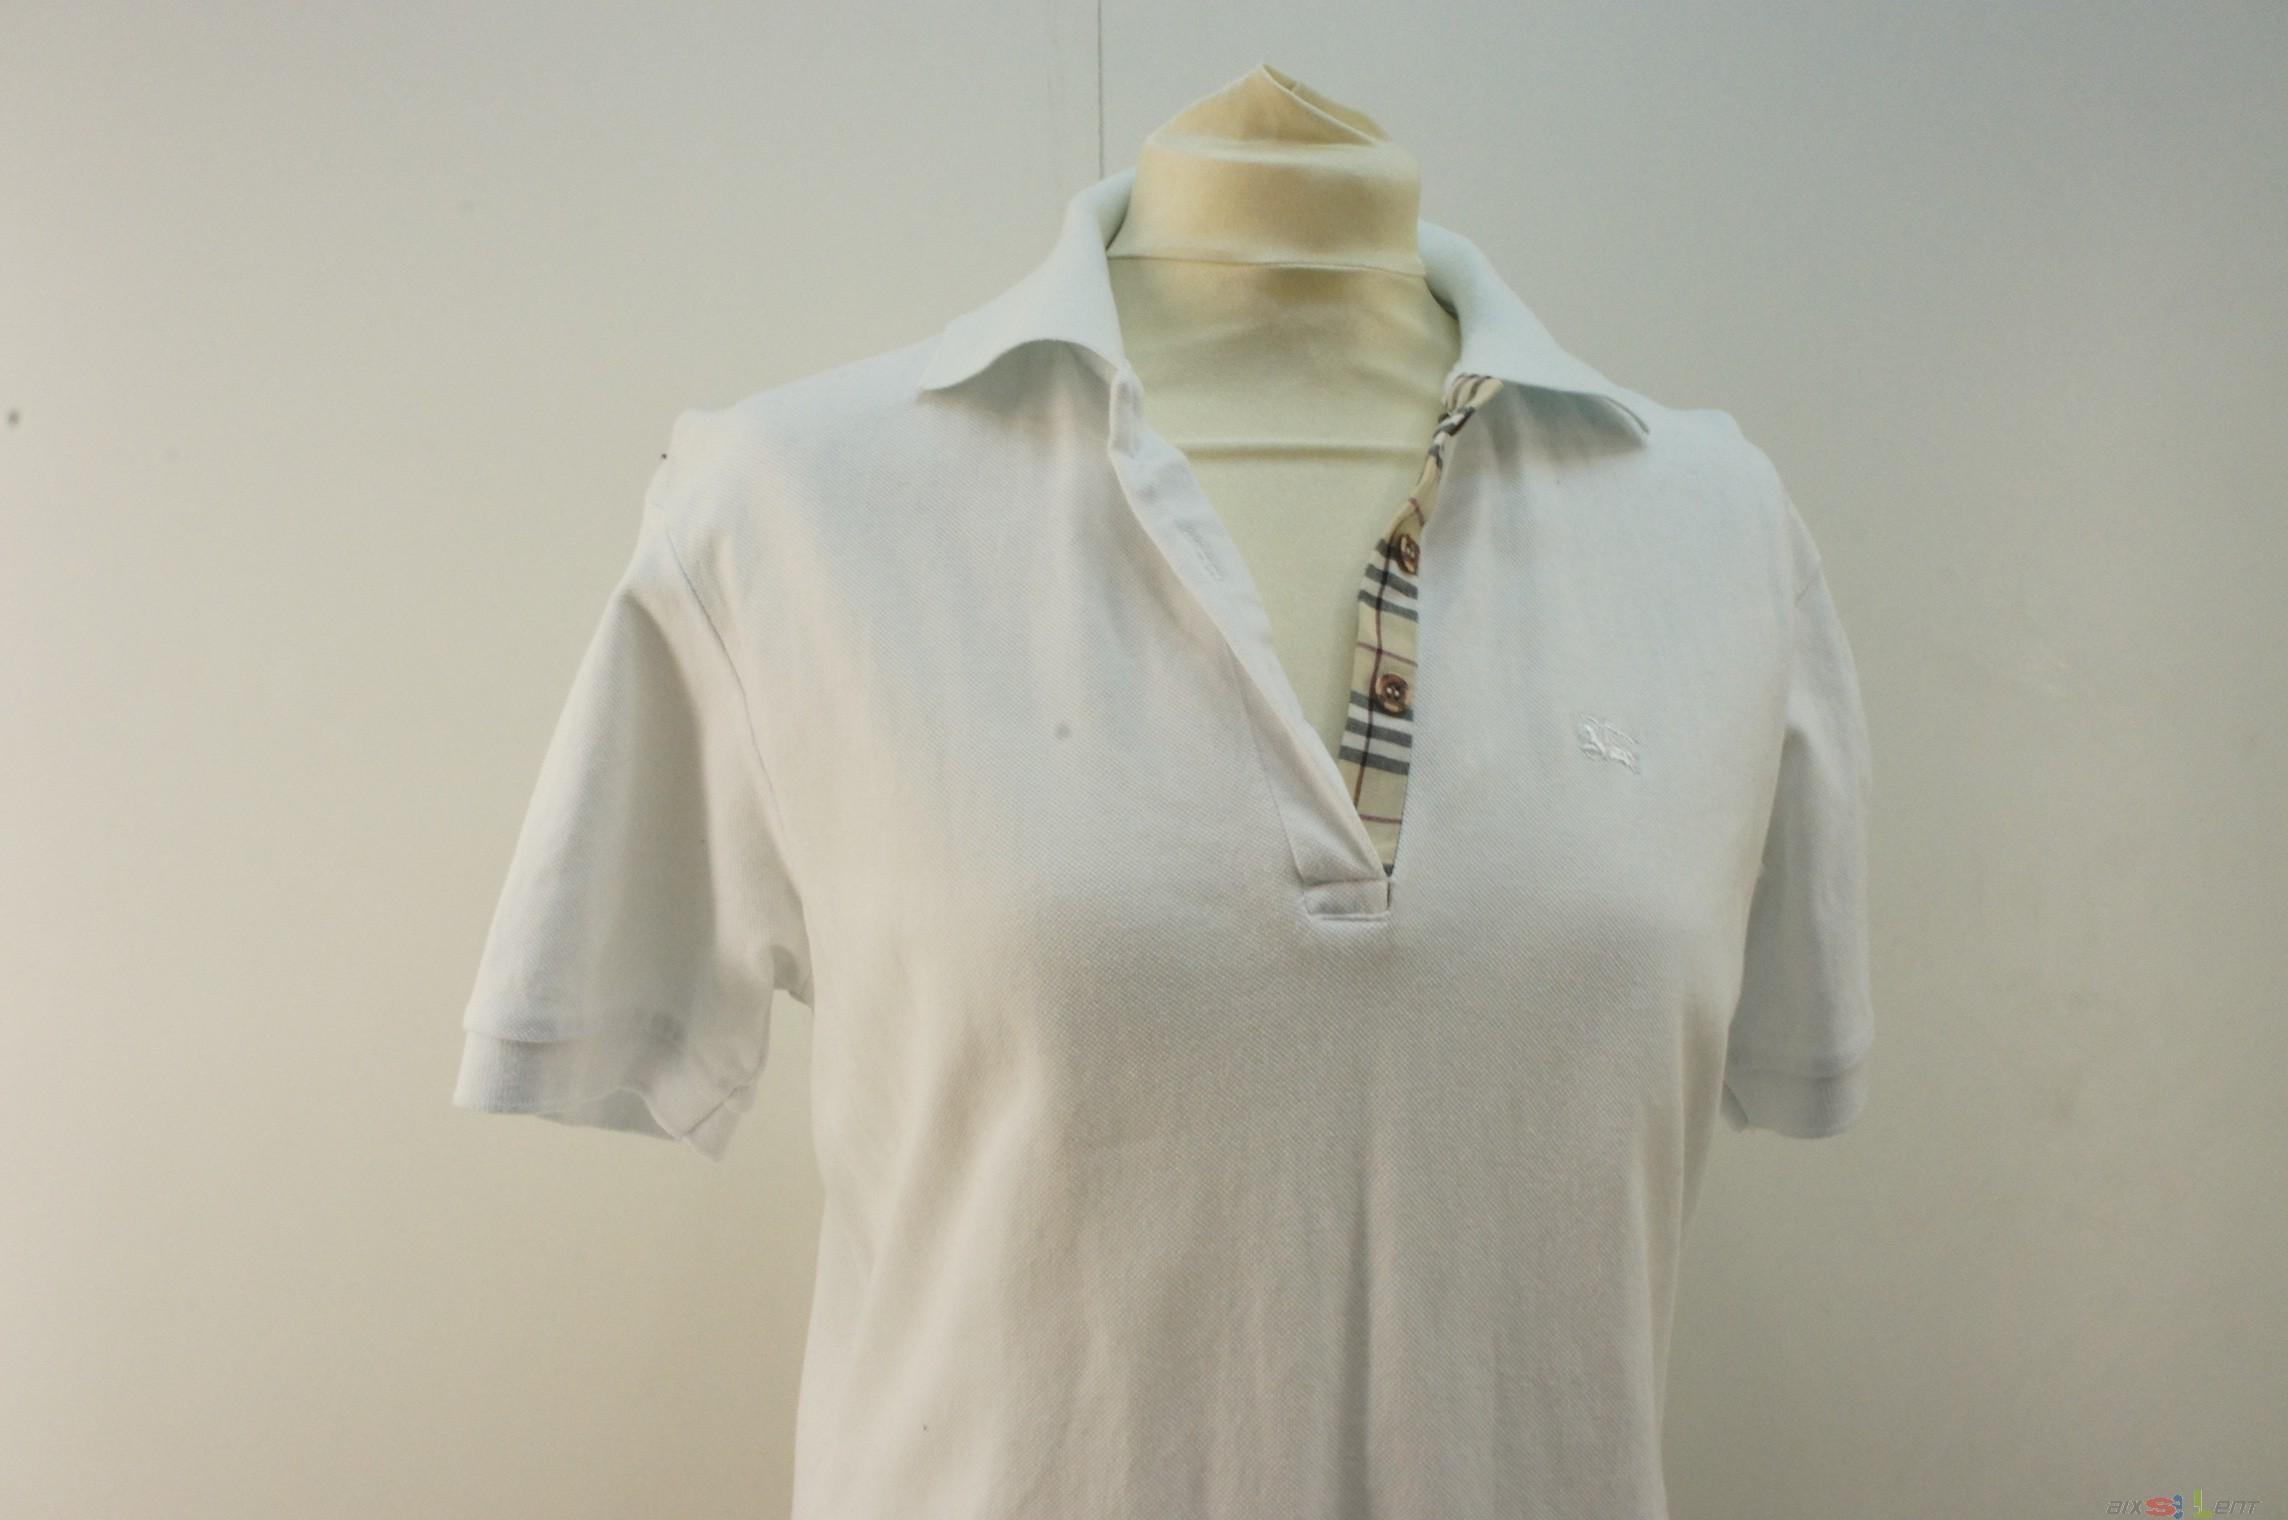 Burberry damen hemd tennisshirt gr xxl wei - Burberry hemd damen ...